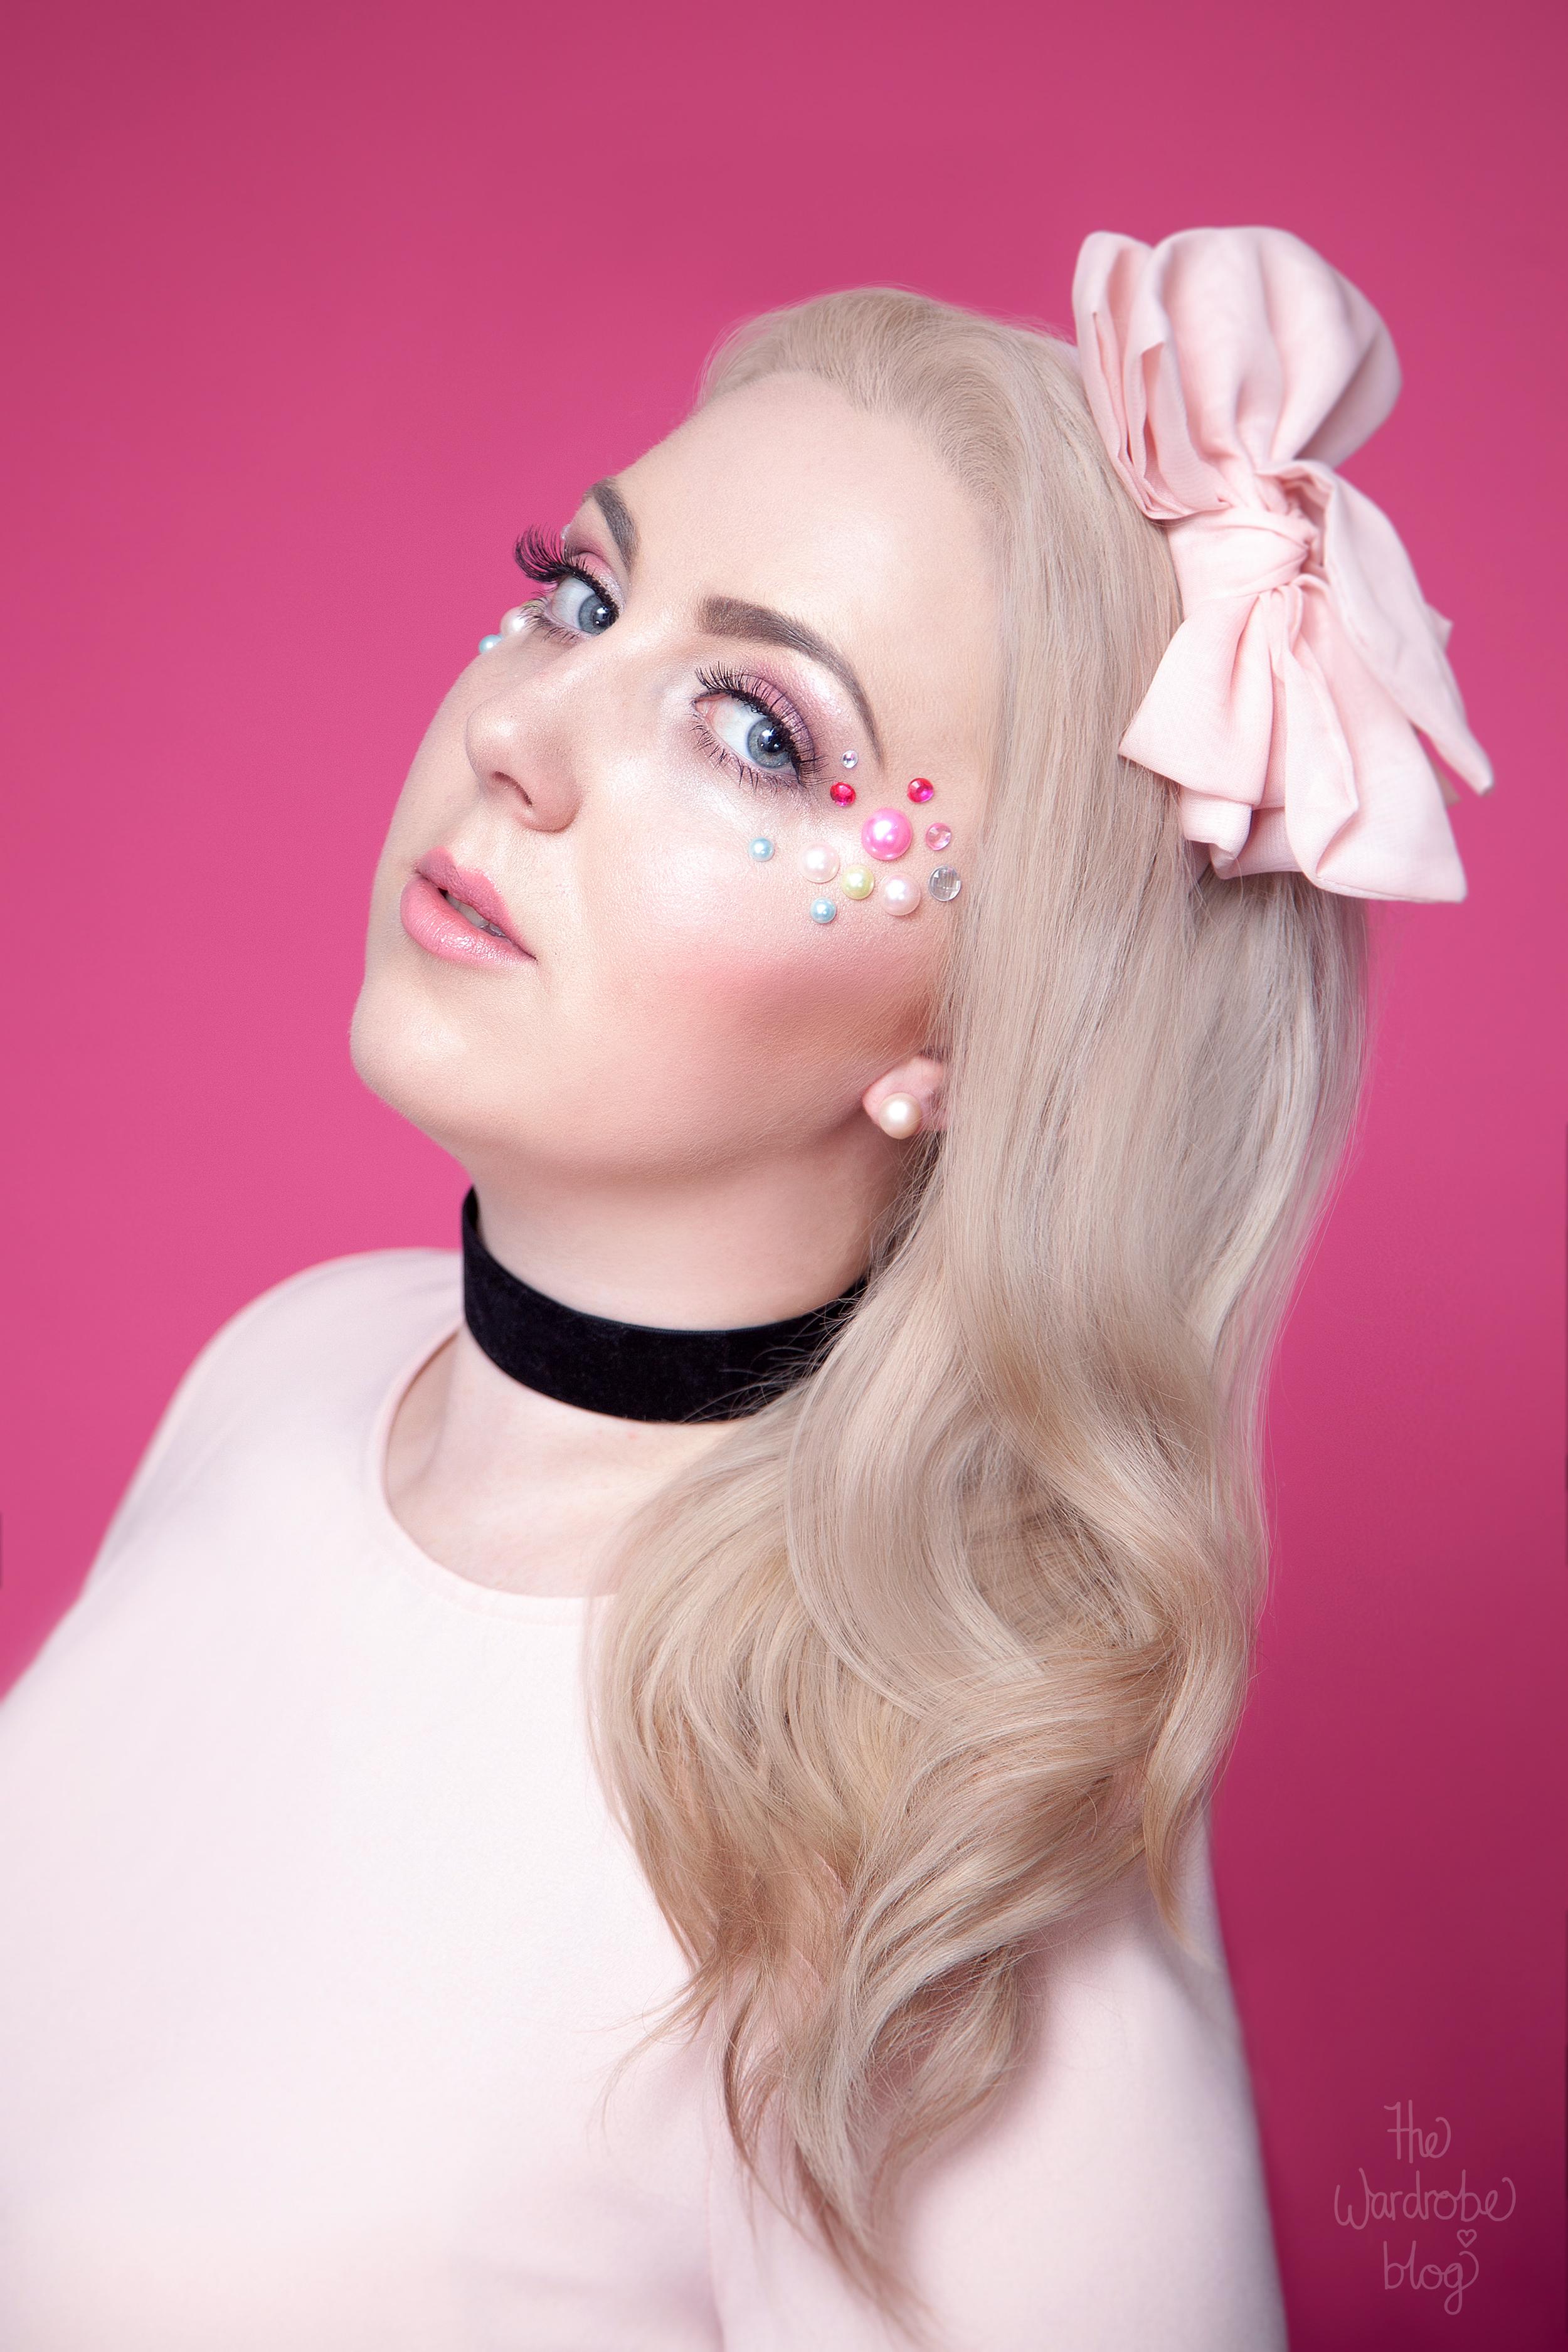 Icecream-Makeup-Editorial-Studio-Pastel